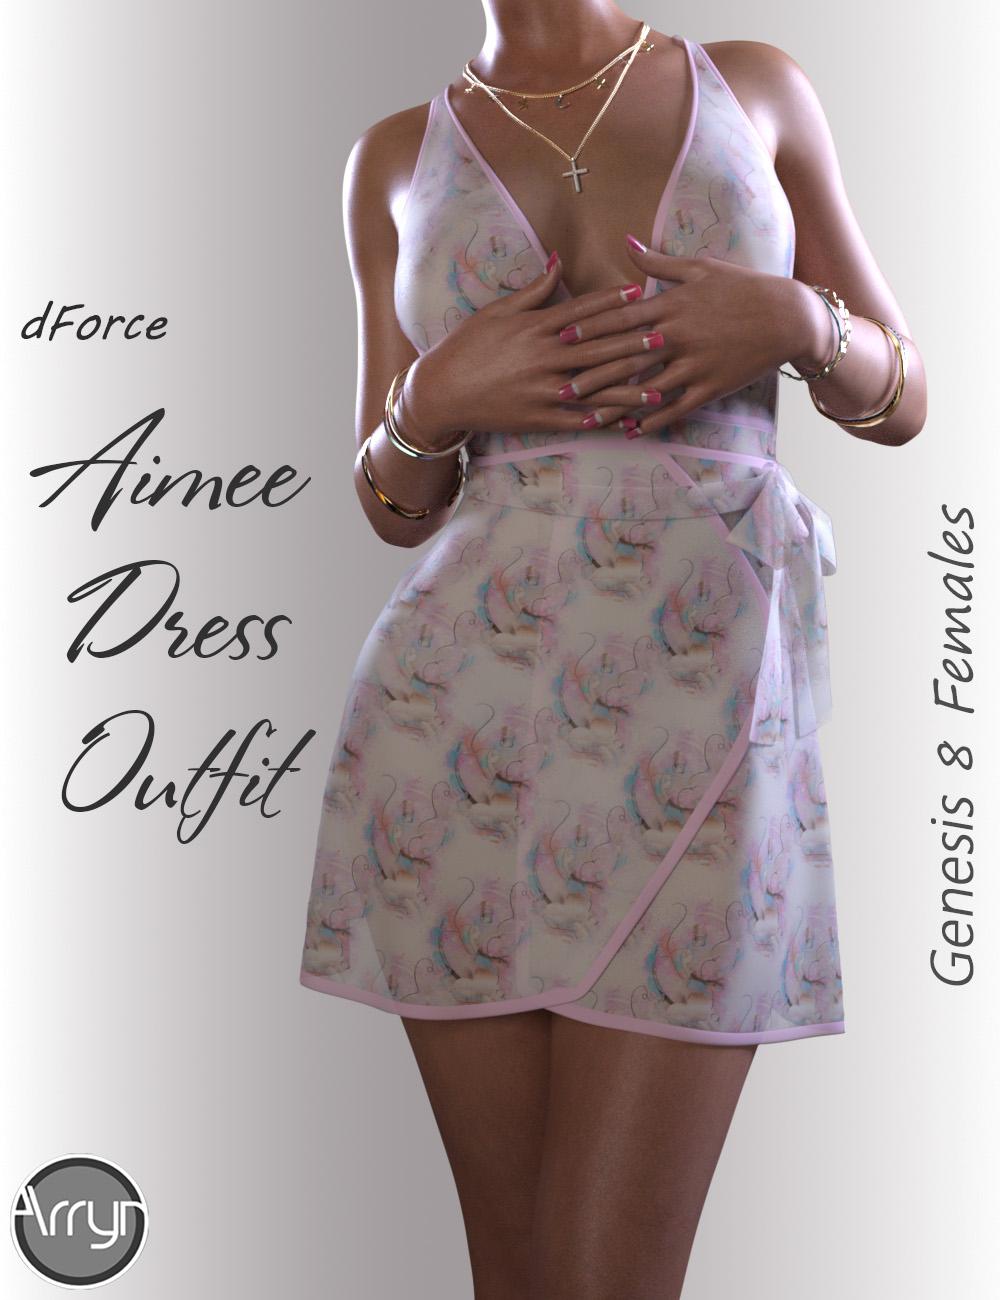 dForce Aimee Candy Dress for Genesis 8 Female(s) by: OnnelArryn, 3D Models by Daz 3D